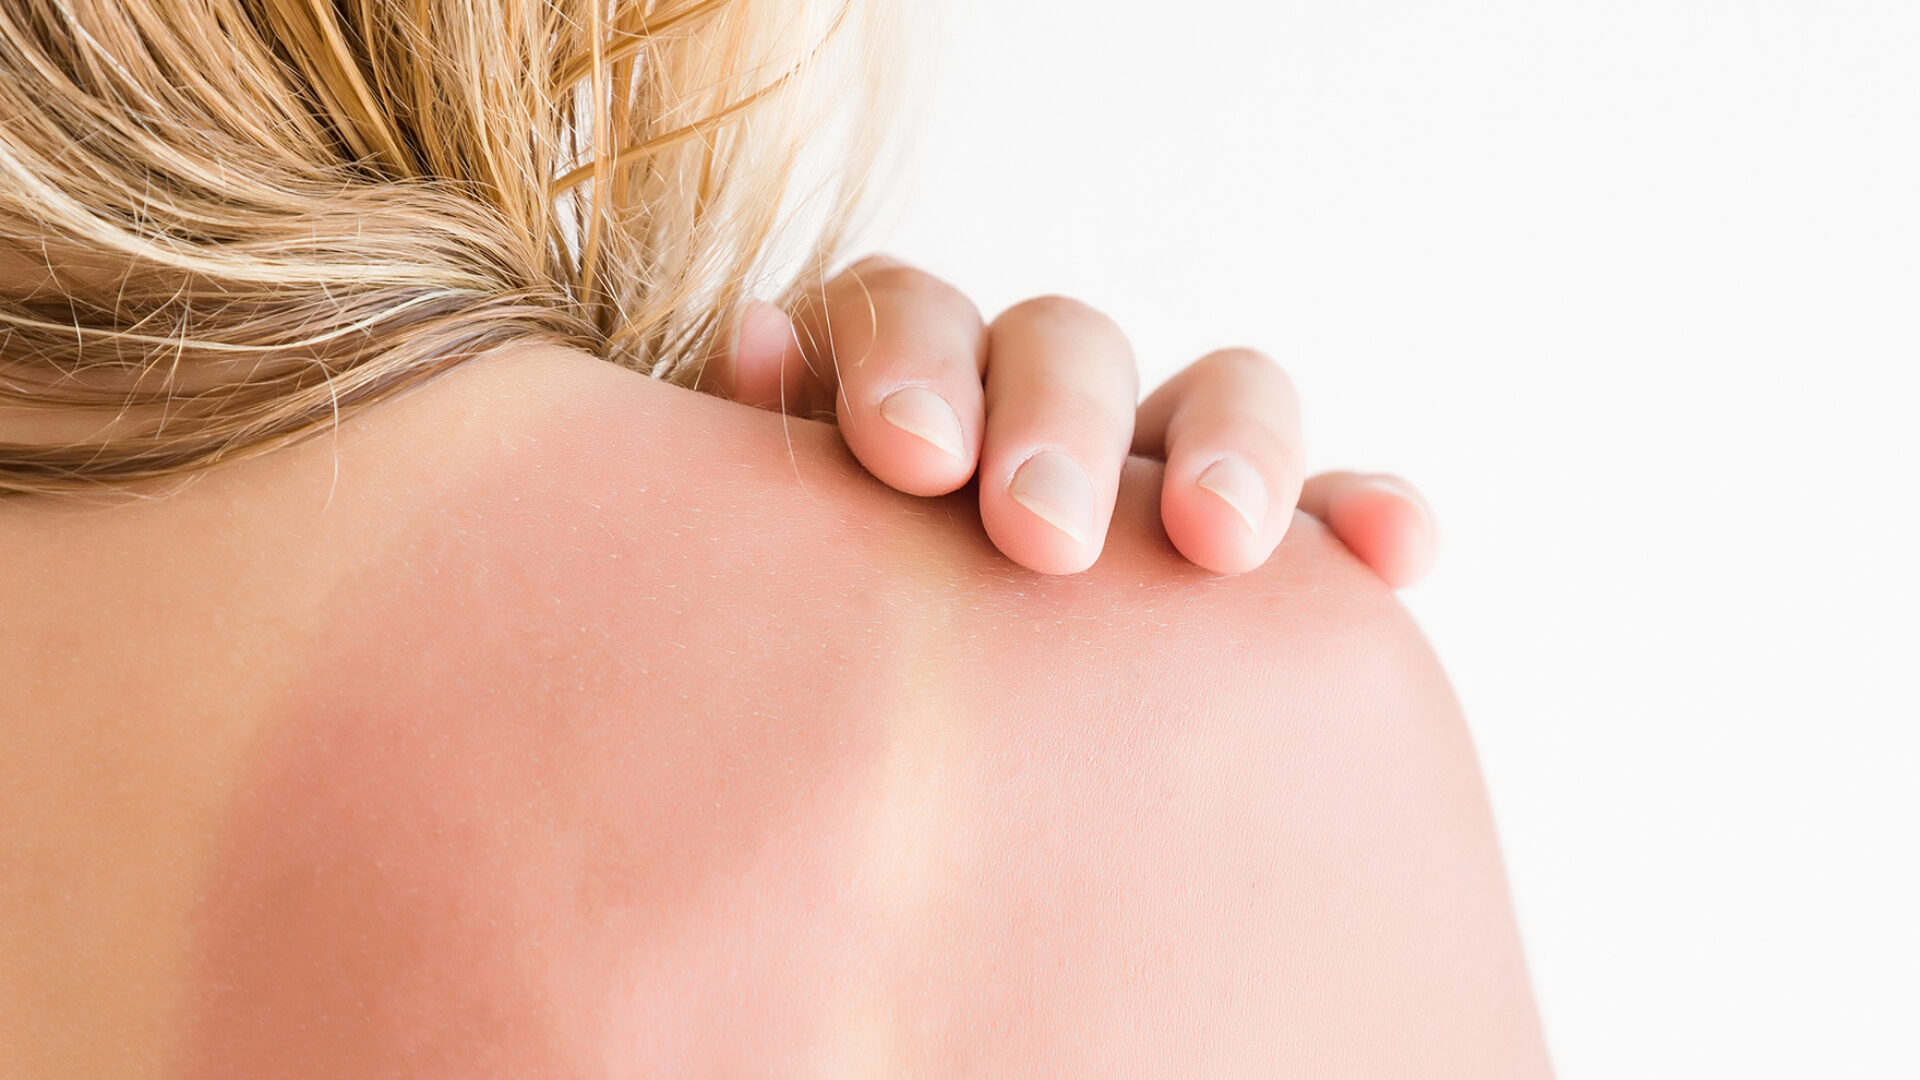 Patientin mit Lichtschaden an der Haut.